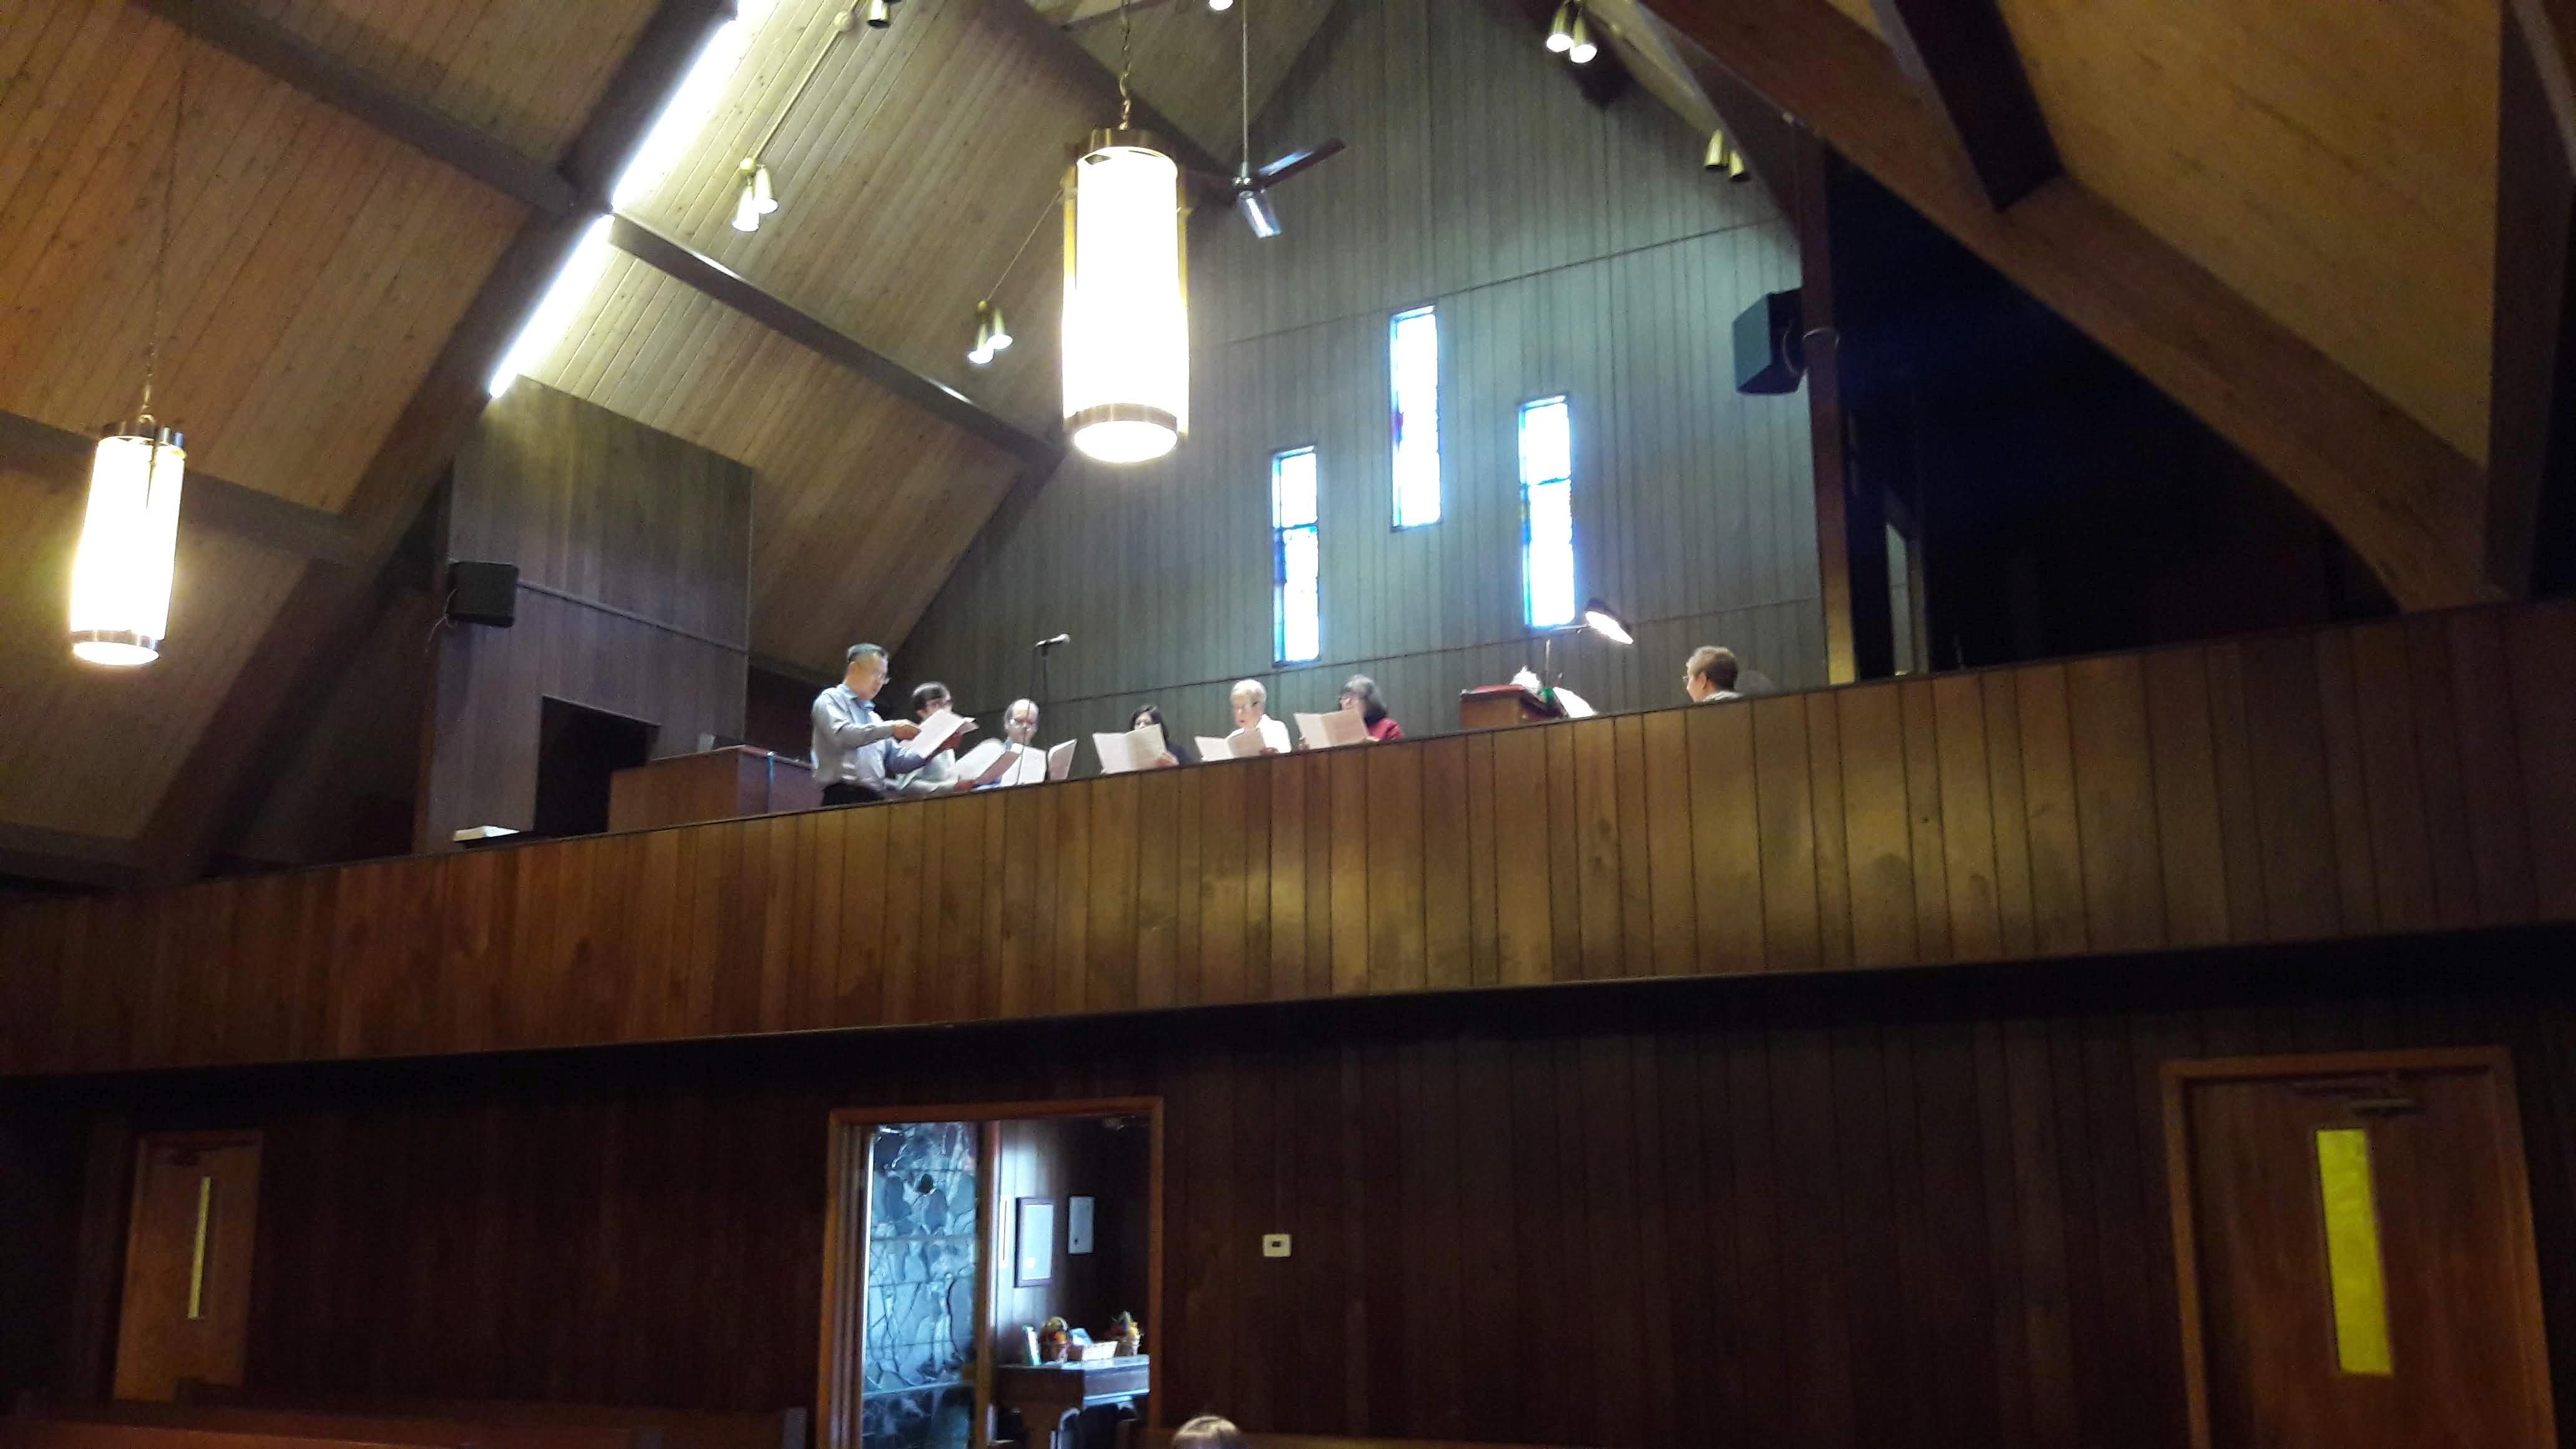 Choir1 original